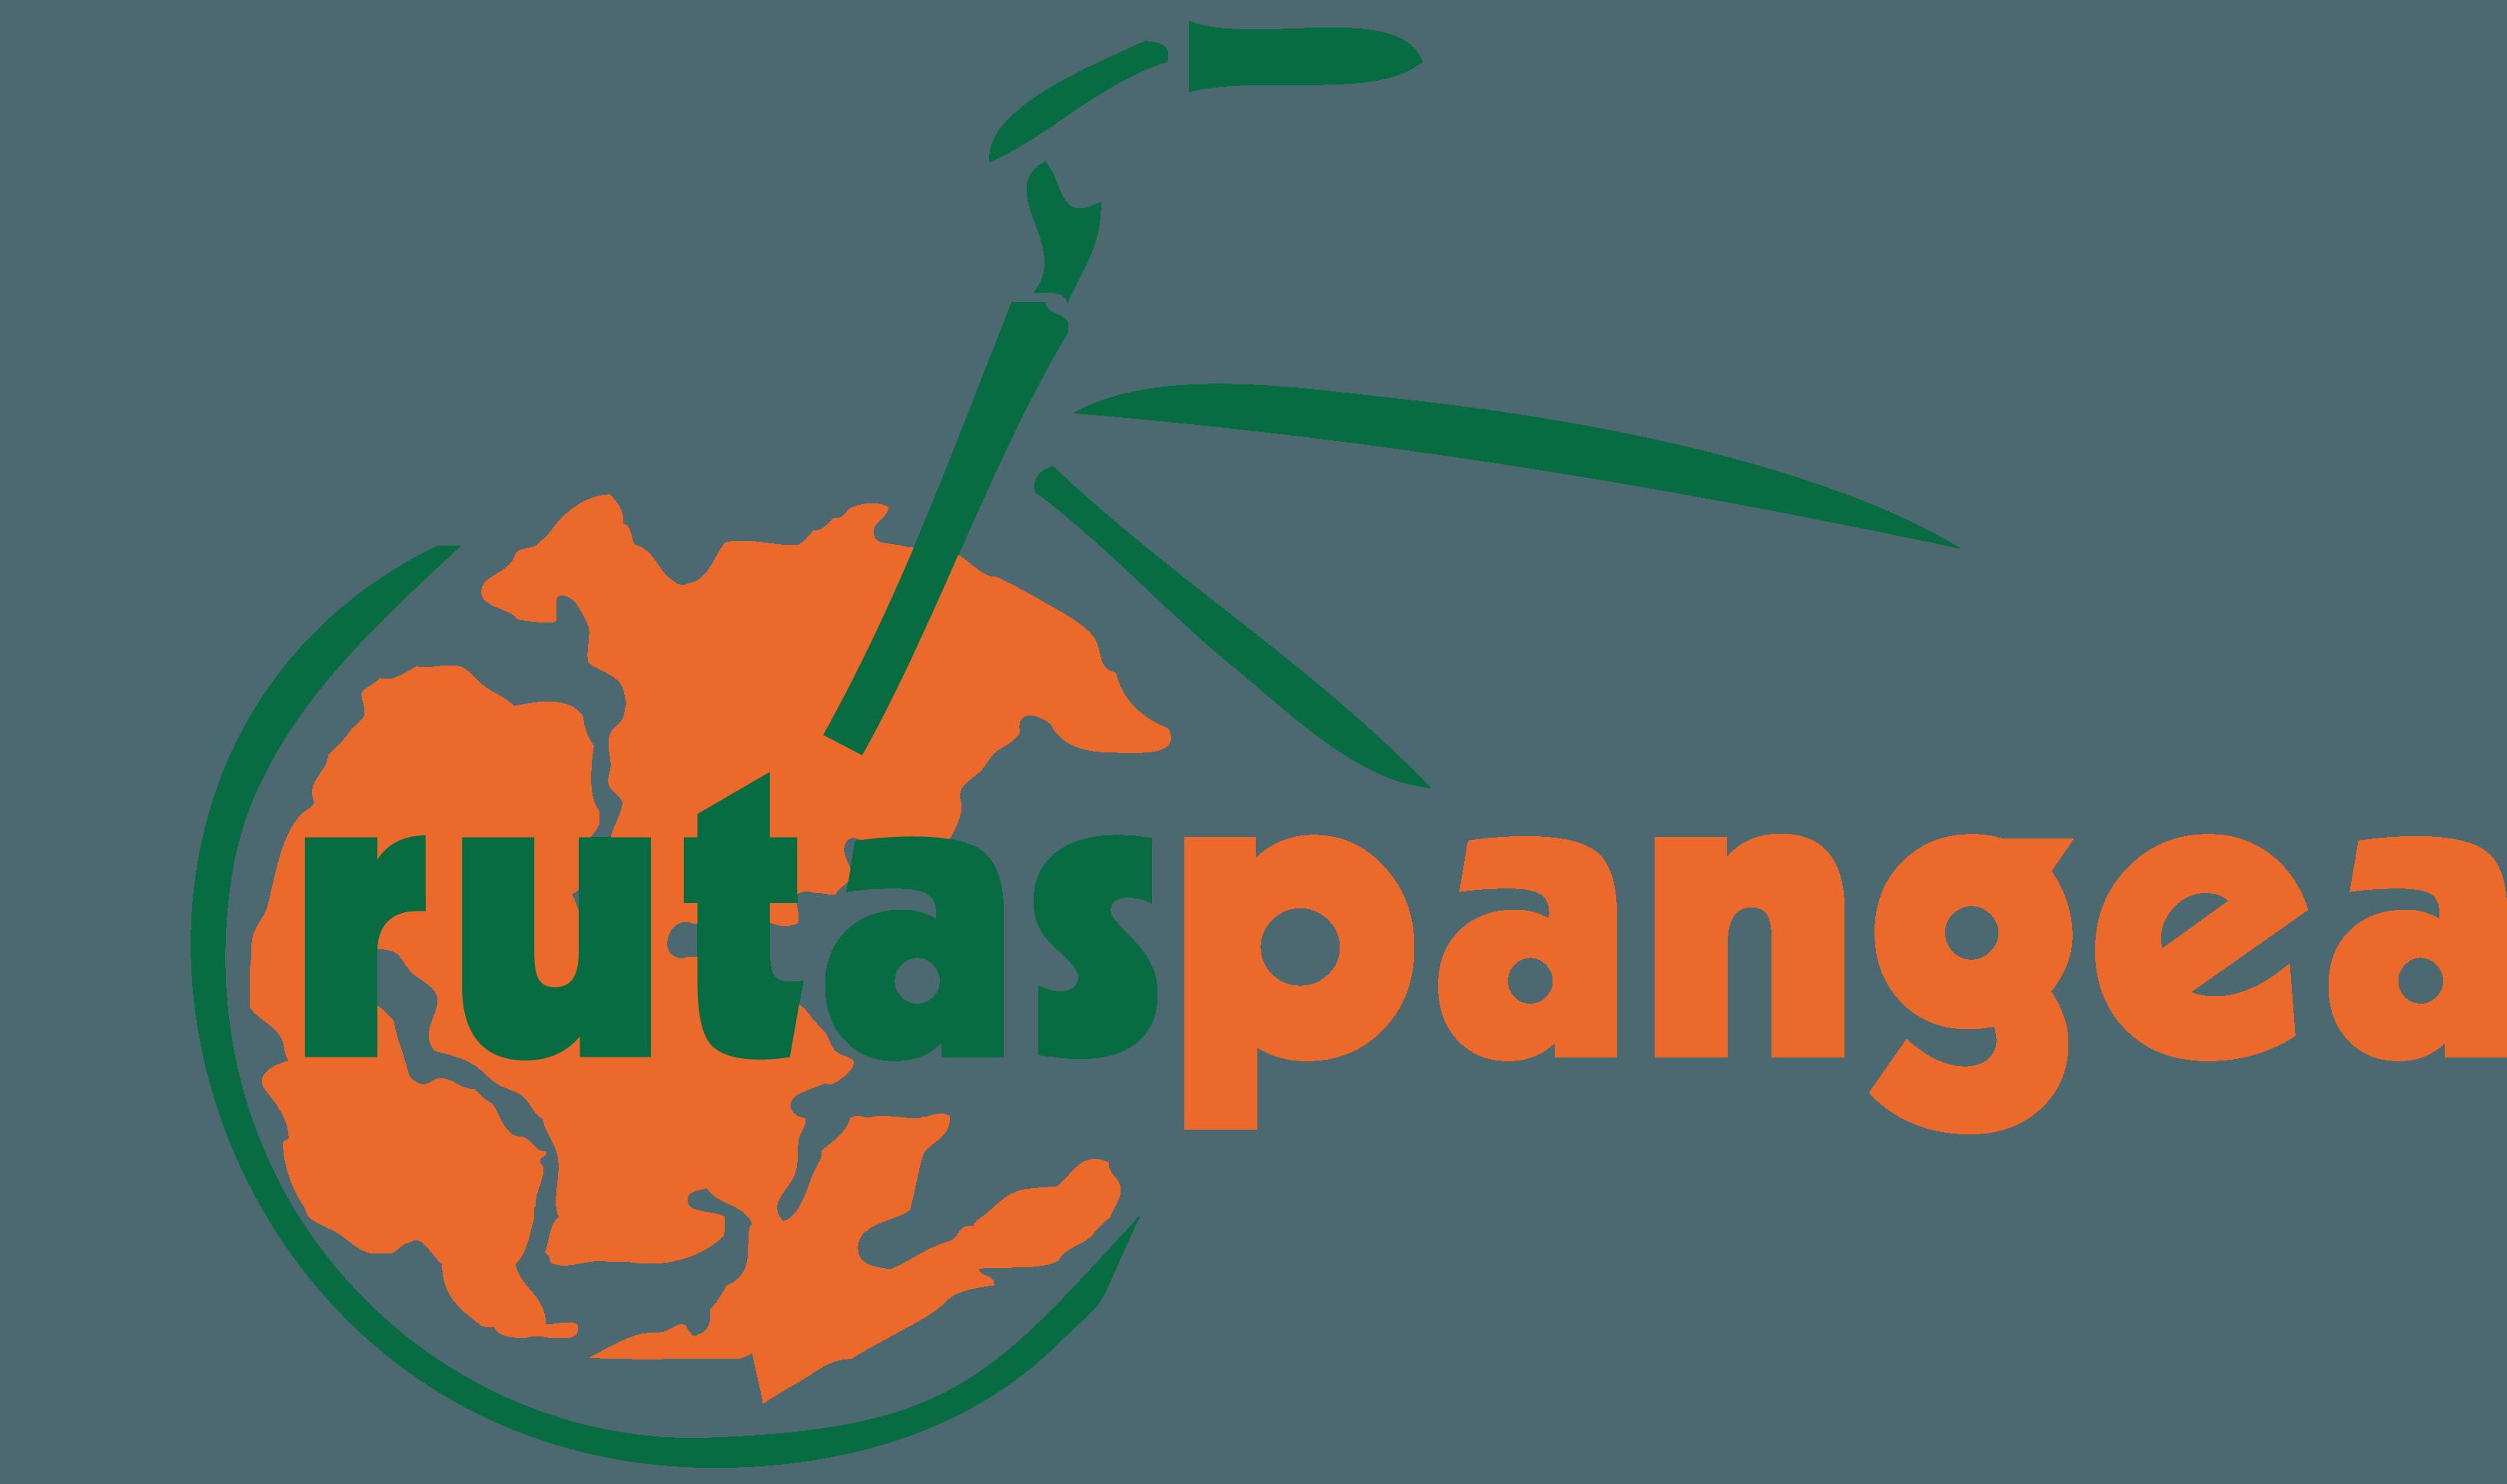 Resultado de imagen de rutas pangea